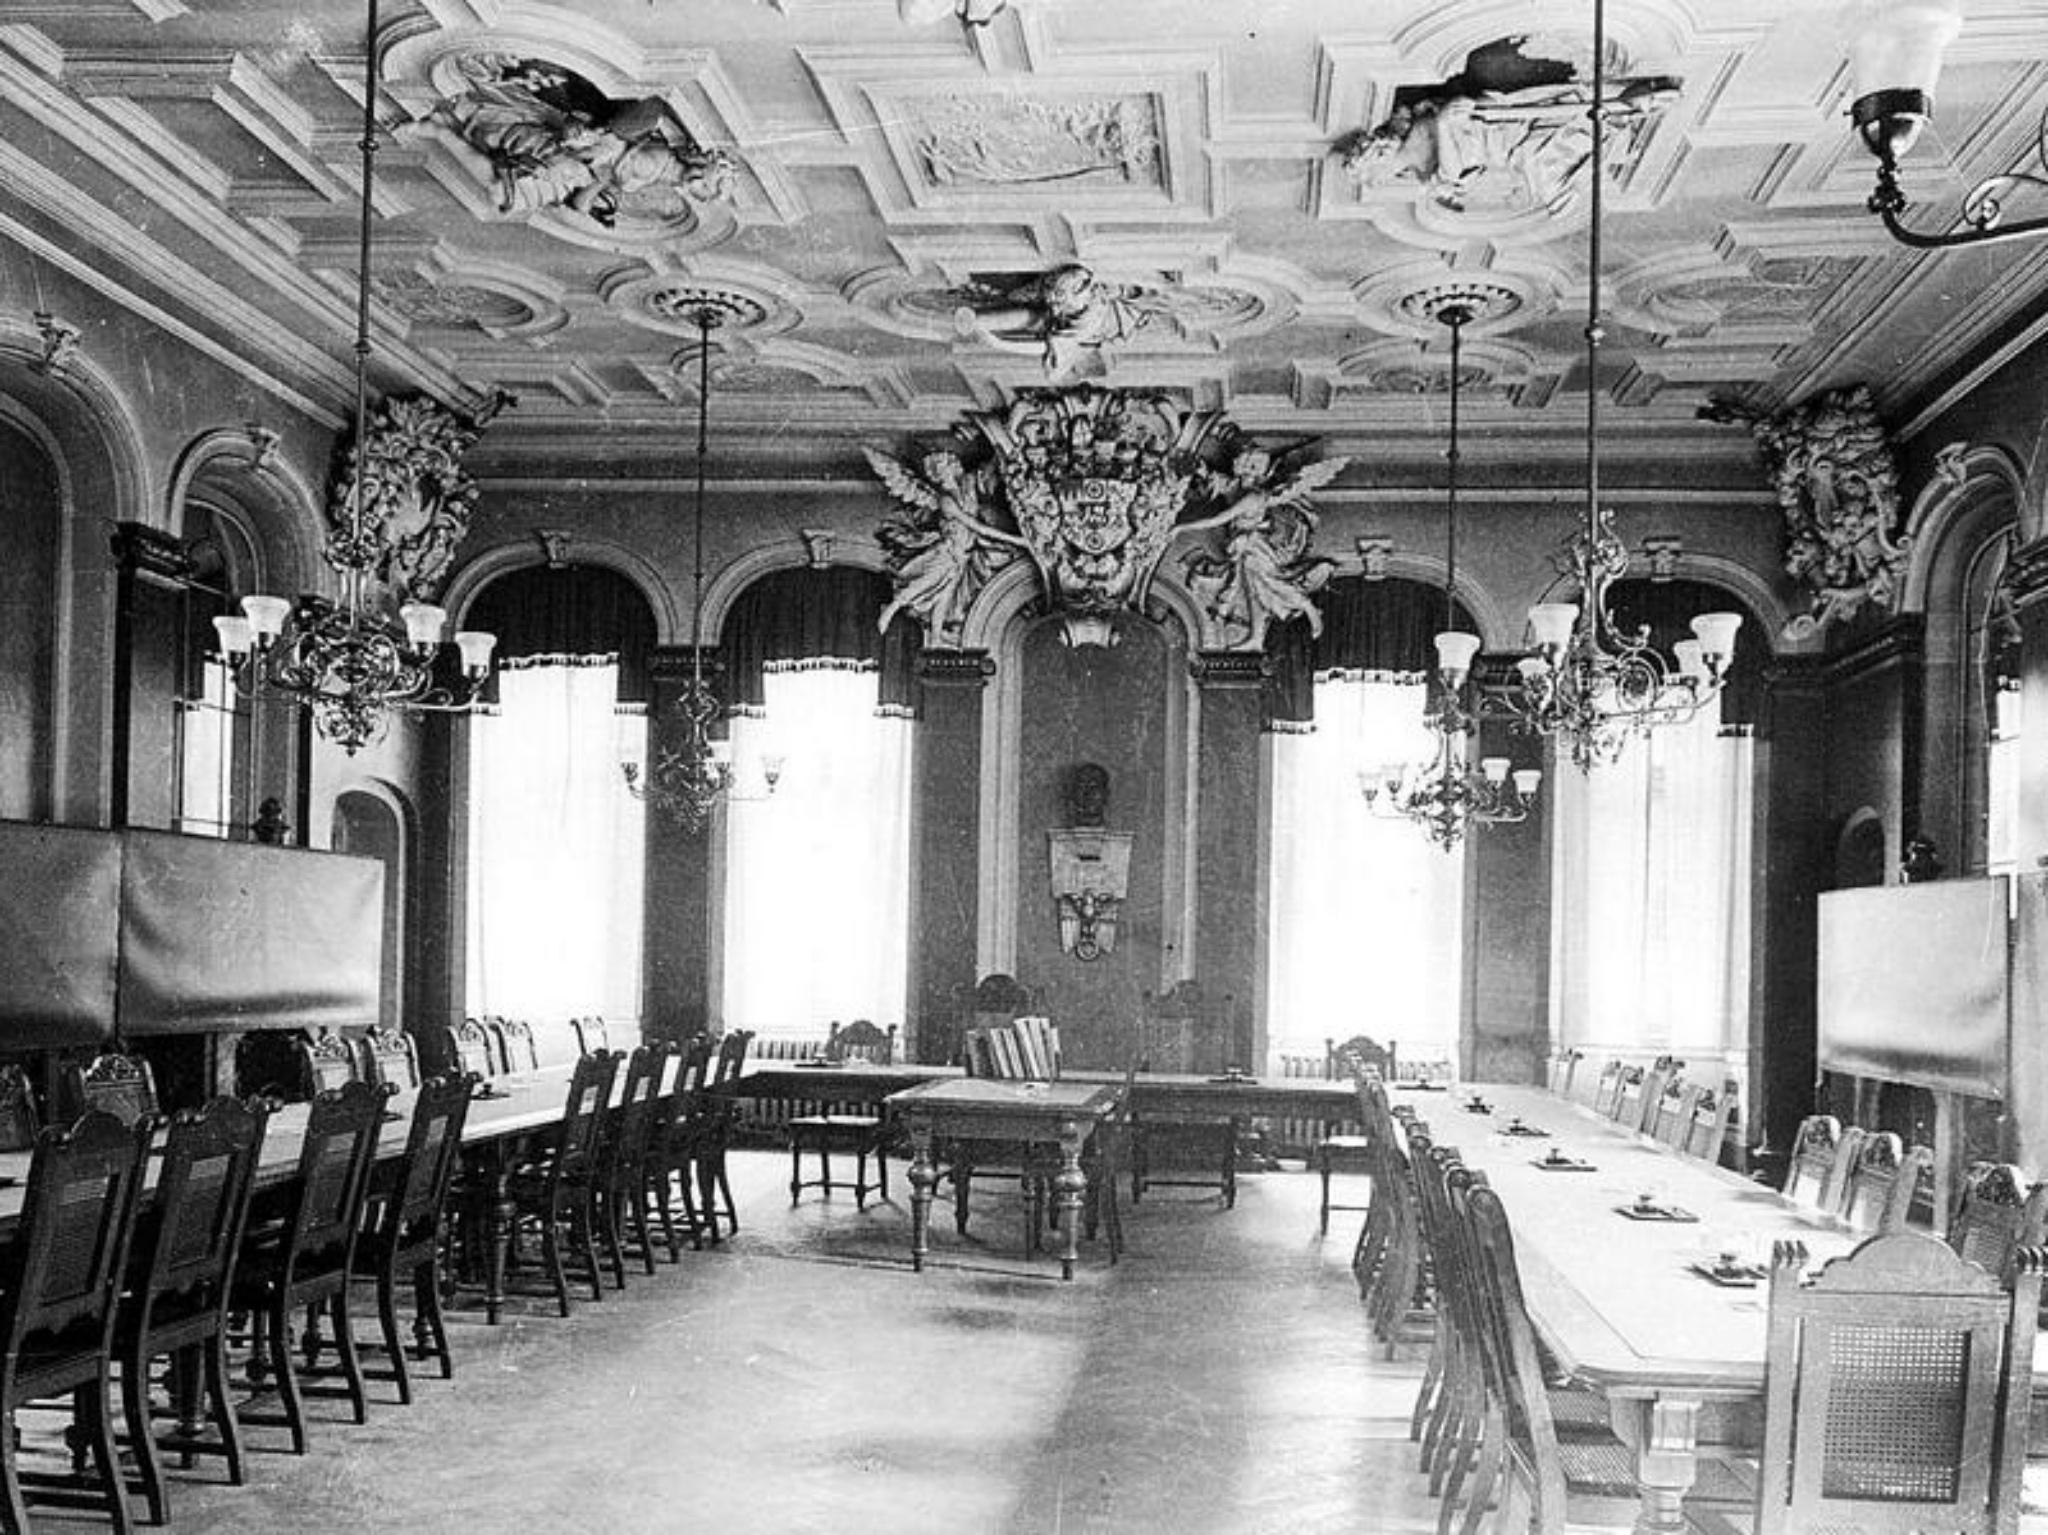 Der Wappensaal im prunkvollen Glanz. Foto: Willi Dürrnagel